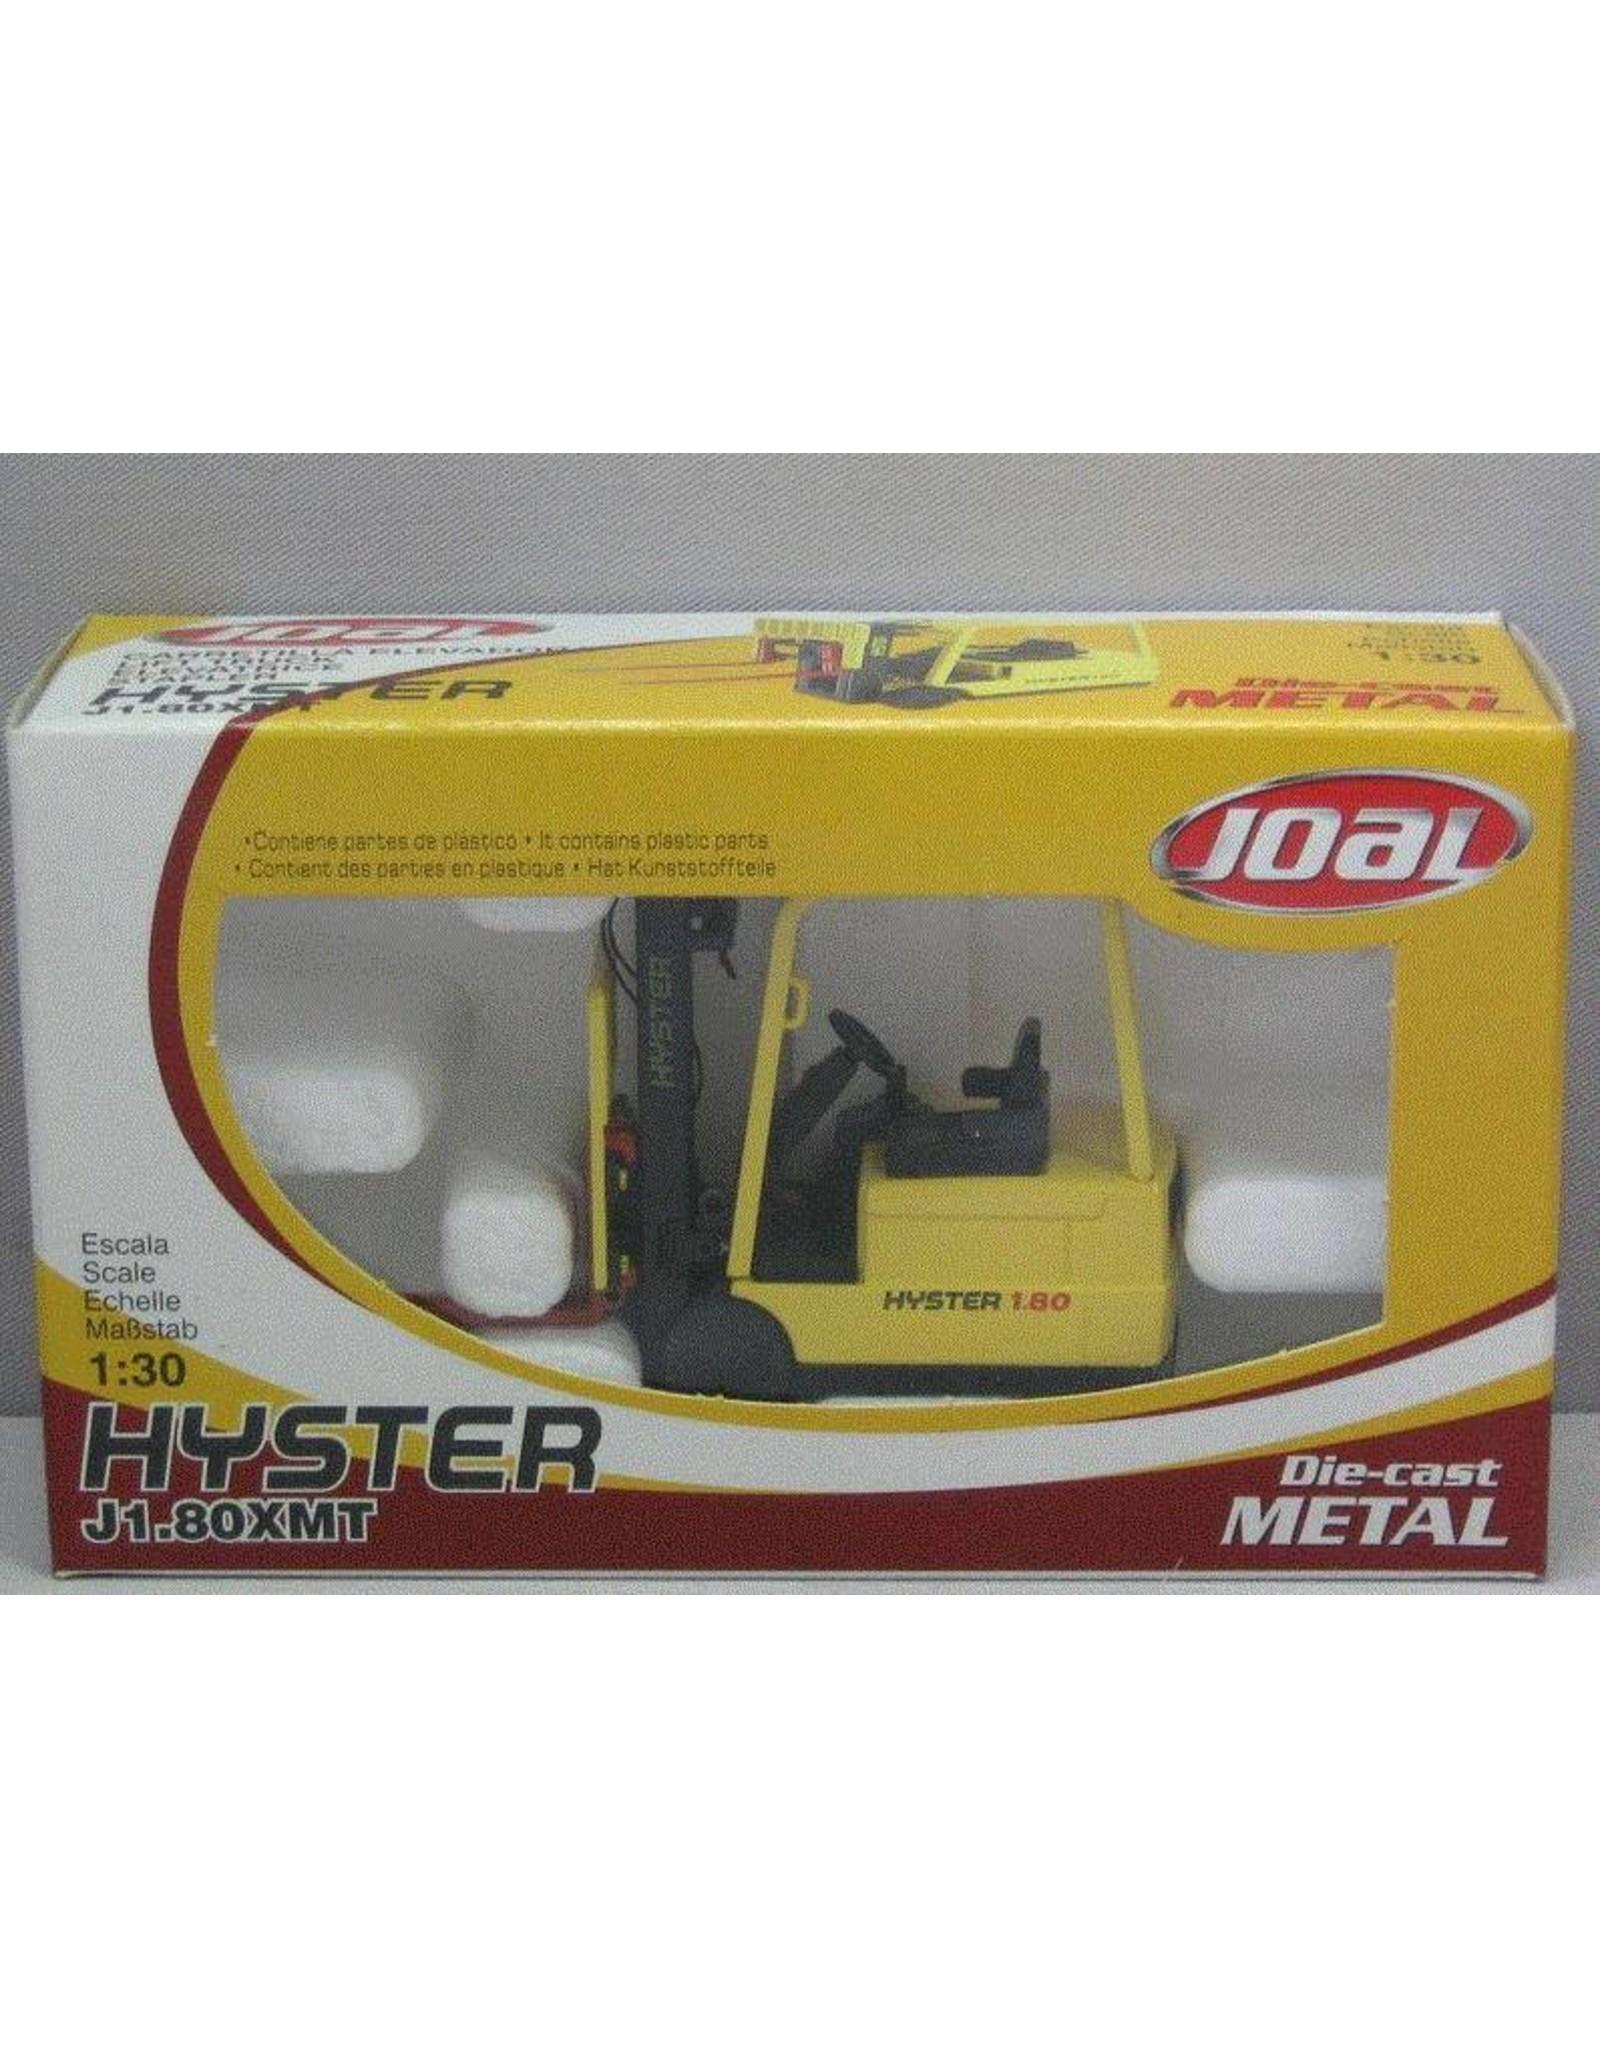 Hyster Hyster J 1.80XMT Stapler - 1:30 - Joal